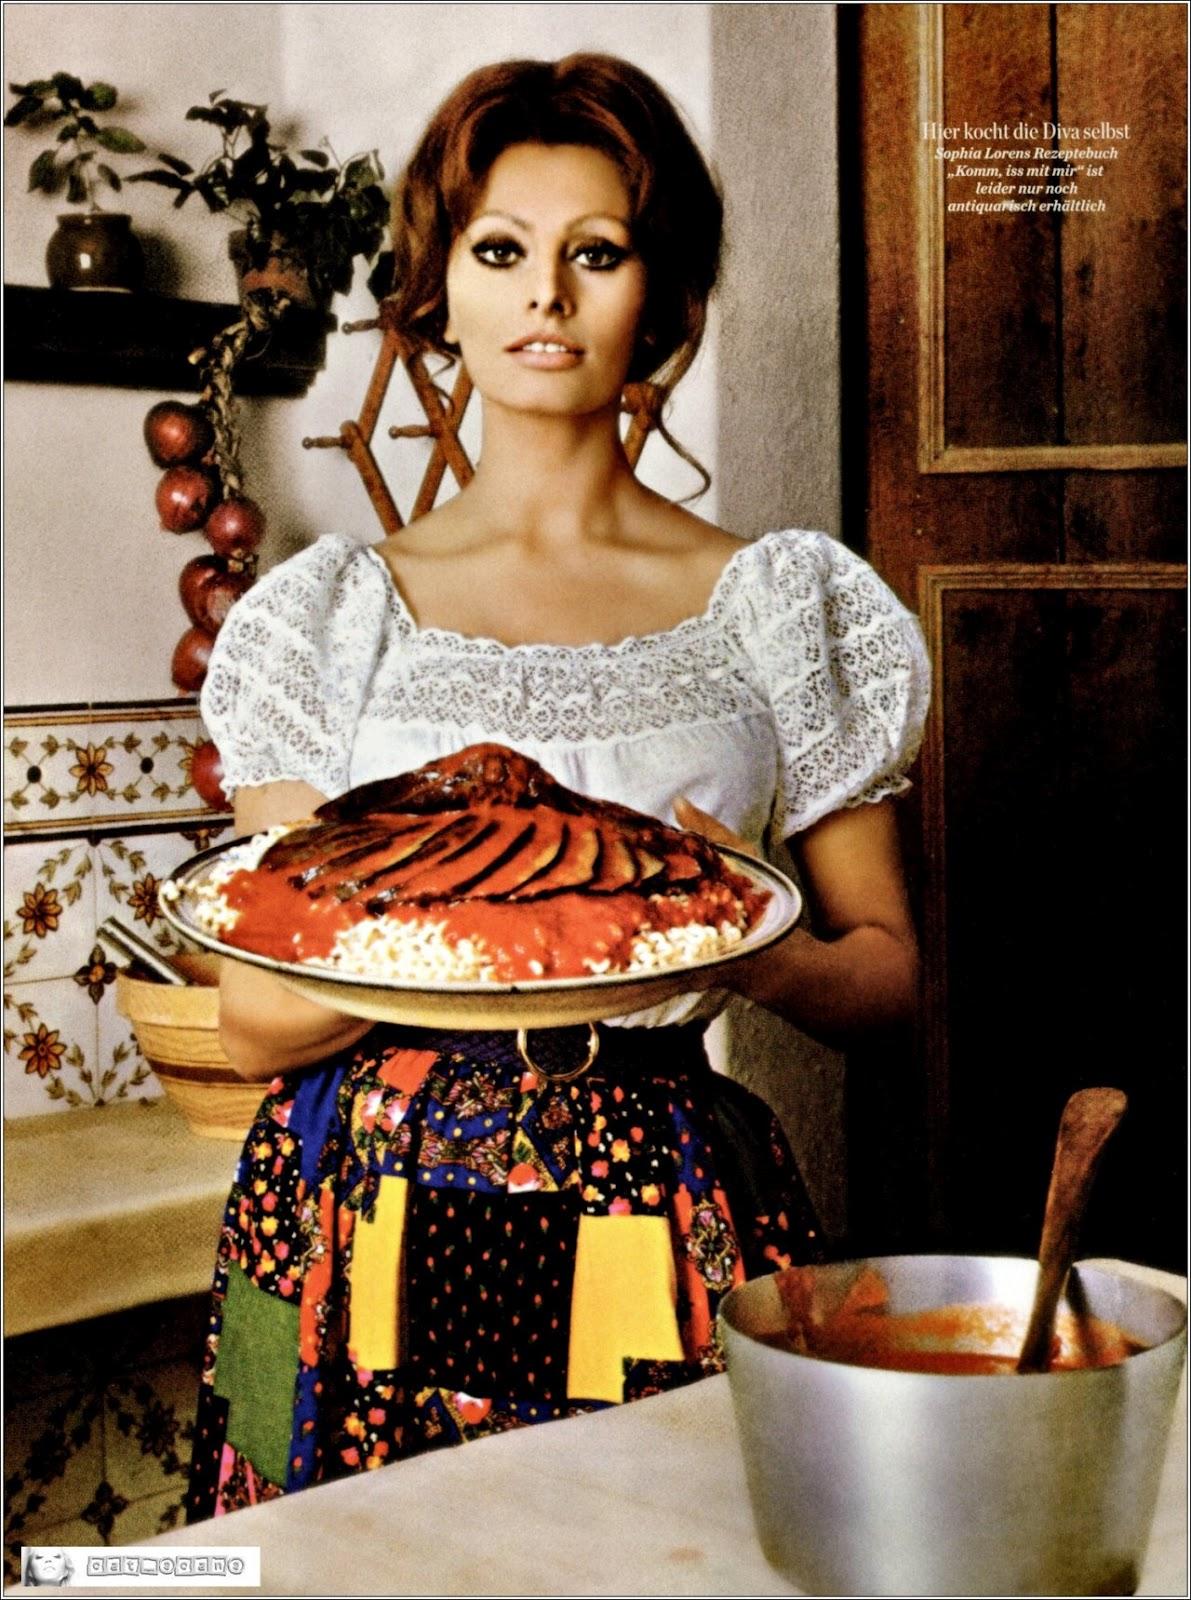 con amore - stijlmeisje - In Cucina Con Amore